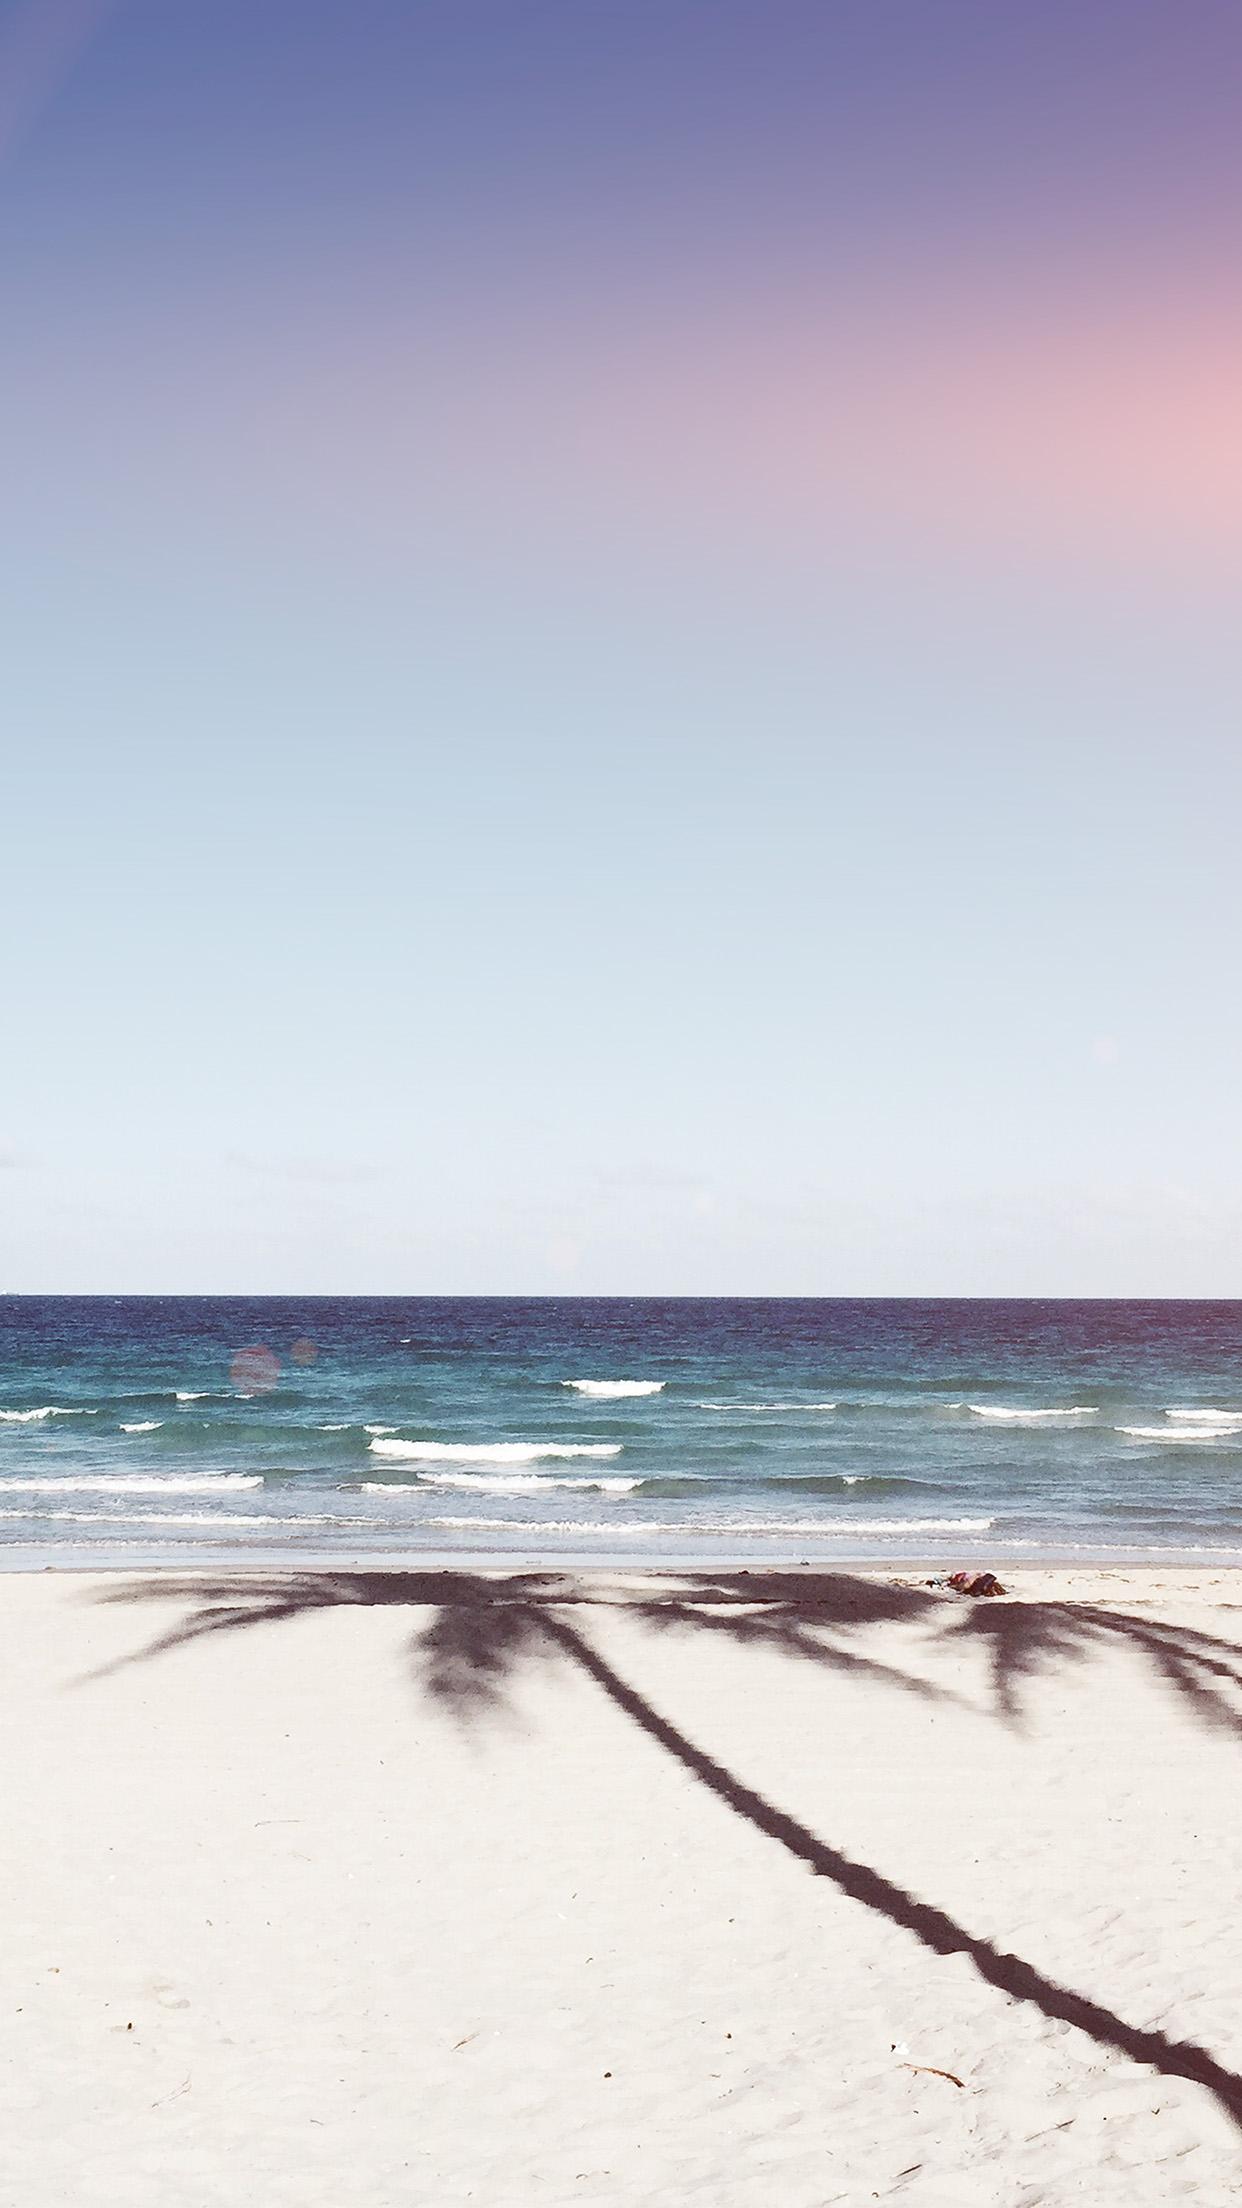 Nature Iphone Beach Wallpaper Hd , HD Wallpaper & Backgrounds